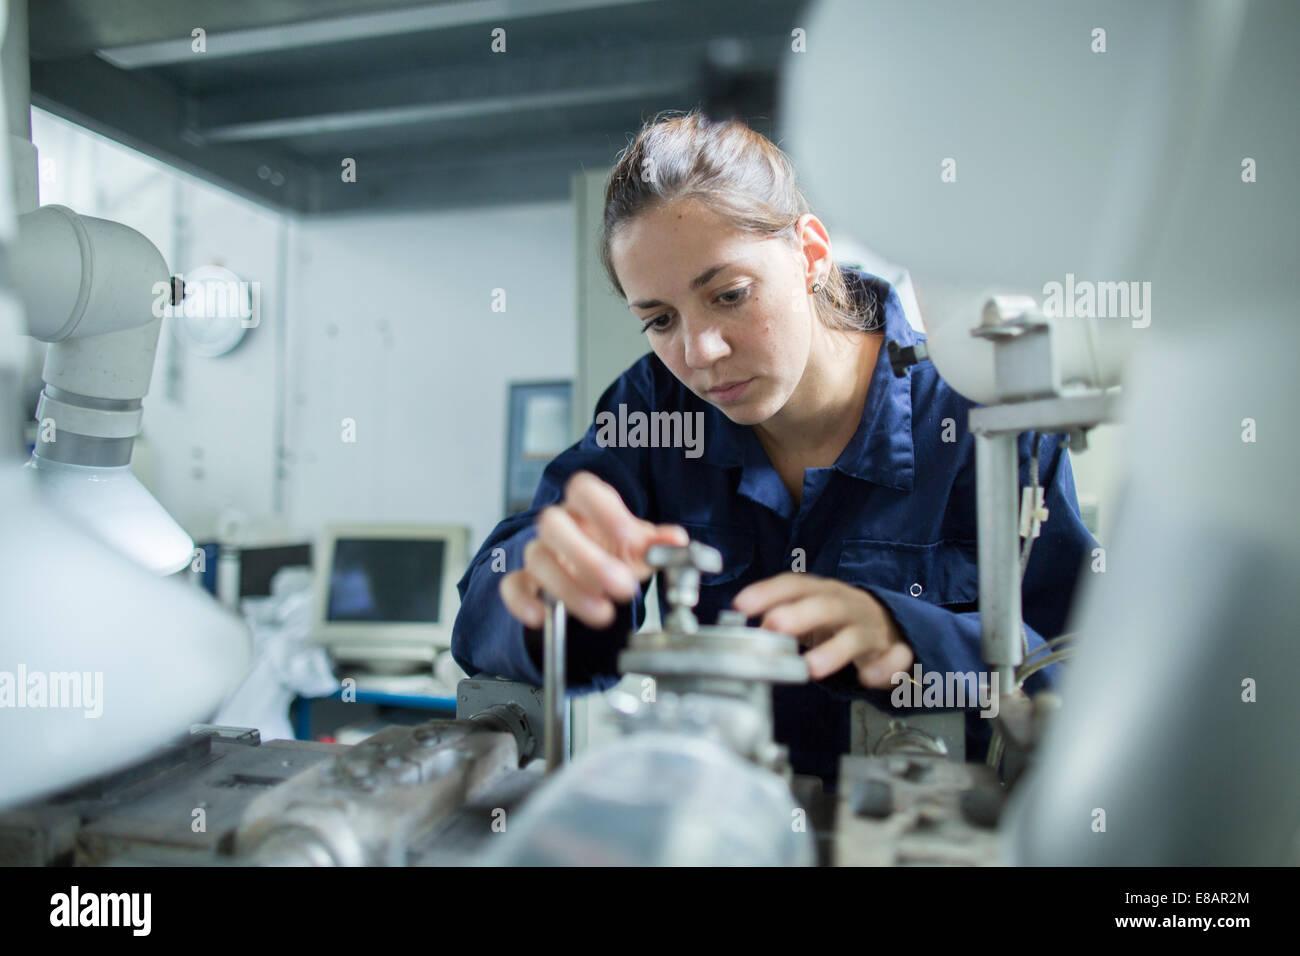 Ingénieur femelle tournant sur vannes tuyauterie industrielle en usine Photo Stock